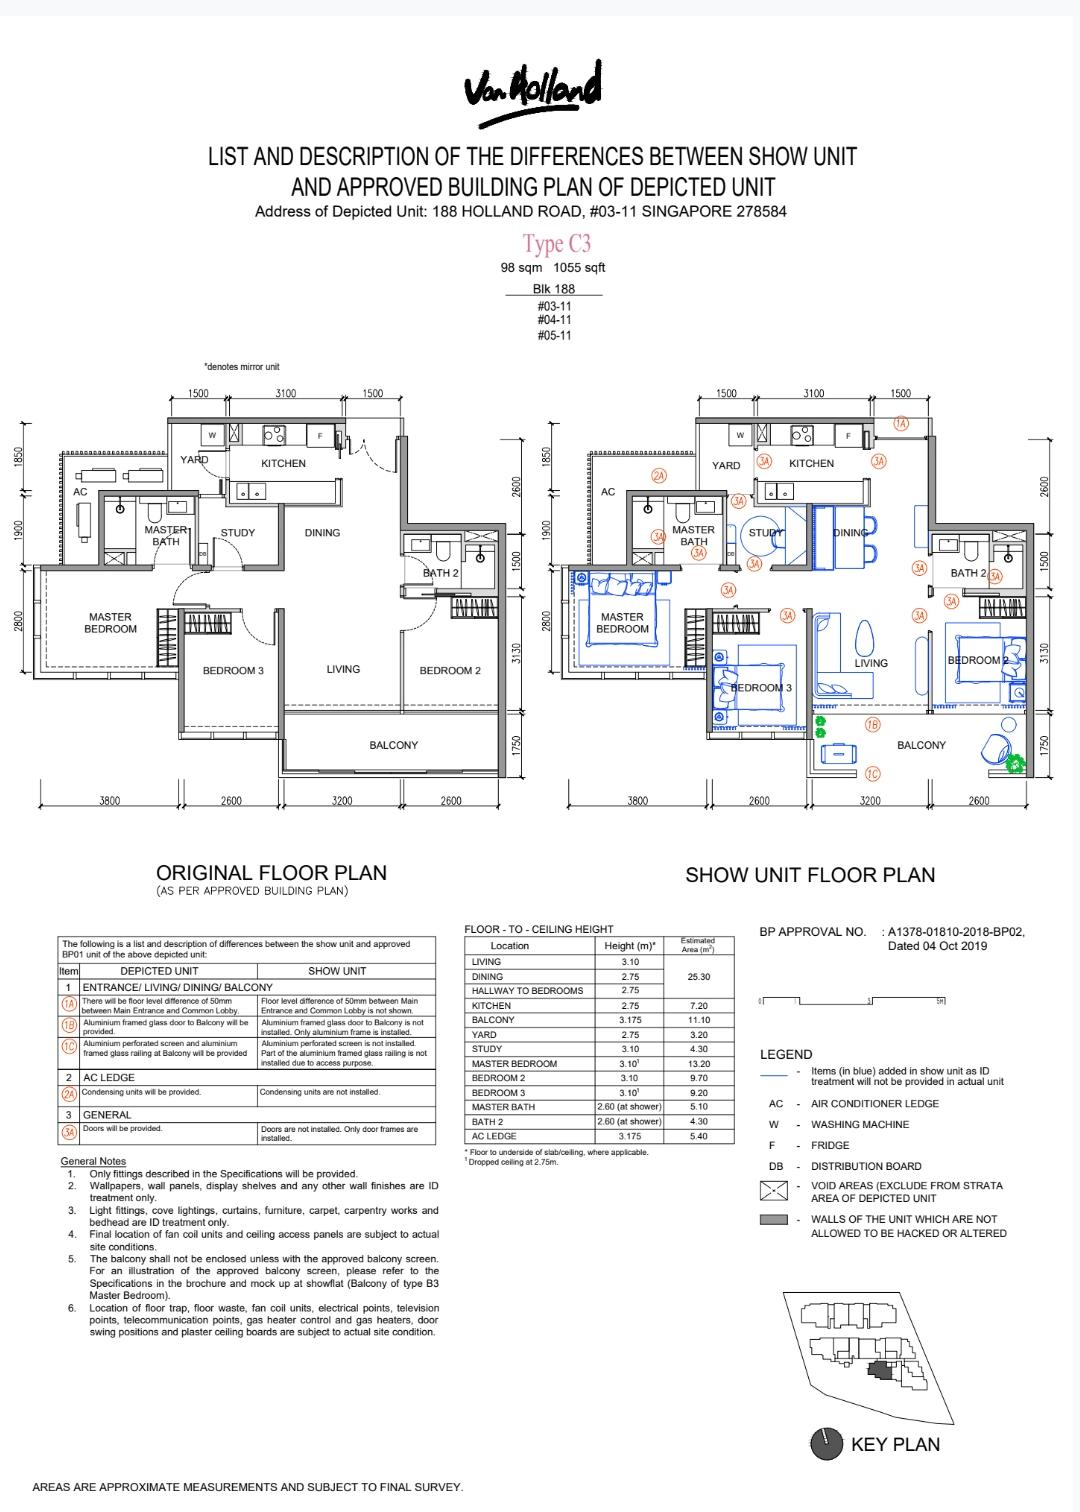 Van Holland Floor Plan